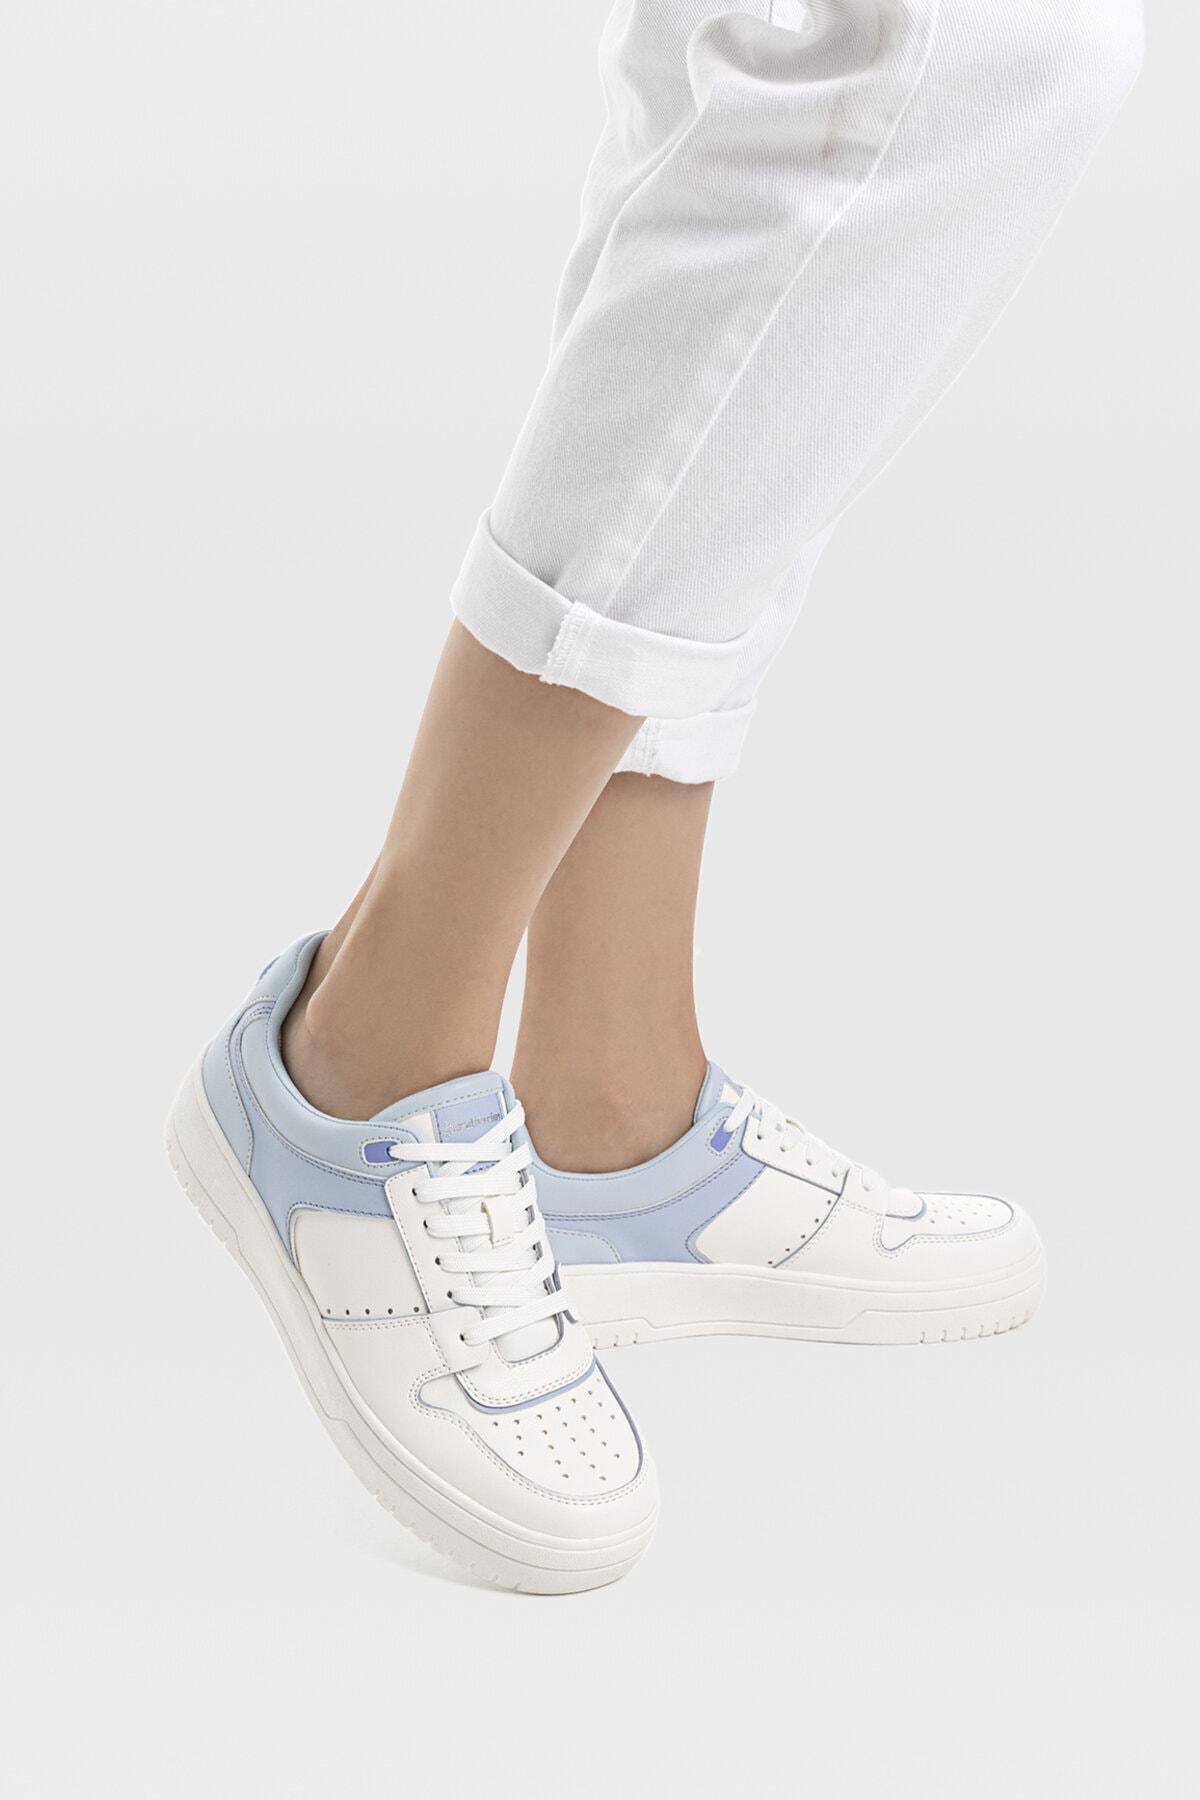 Stradivarius Kadın Mavi Şeritli Spor Ayakkabı 19015770 1